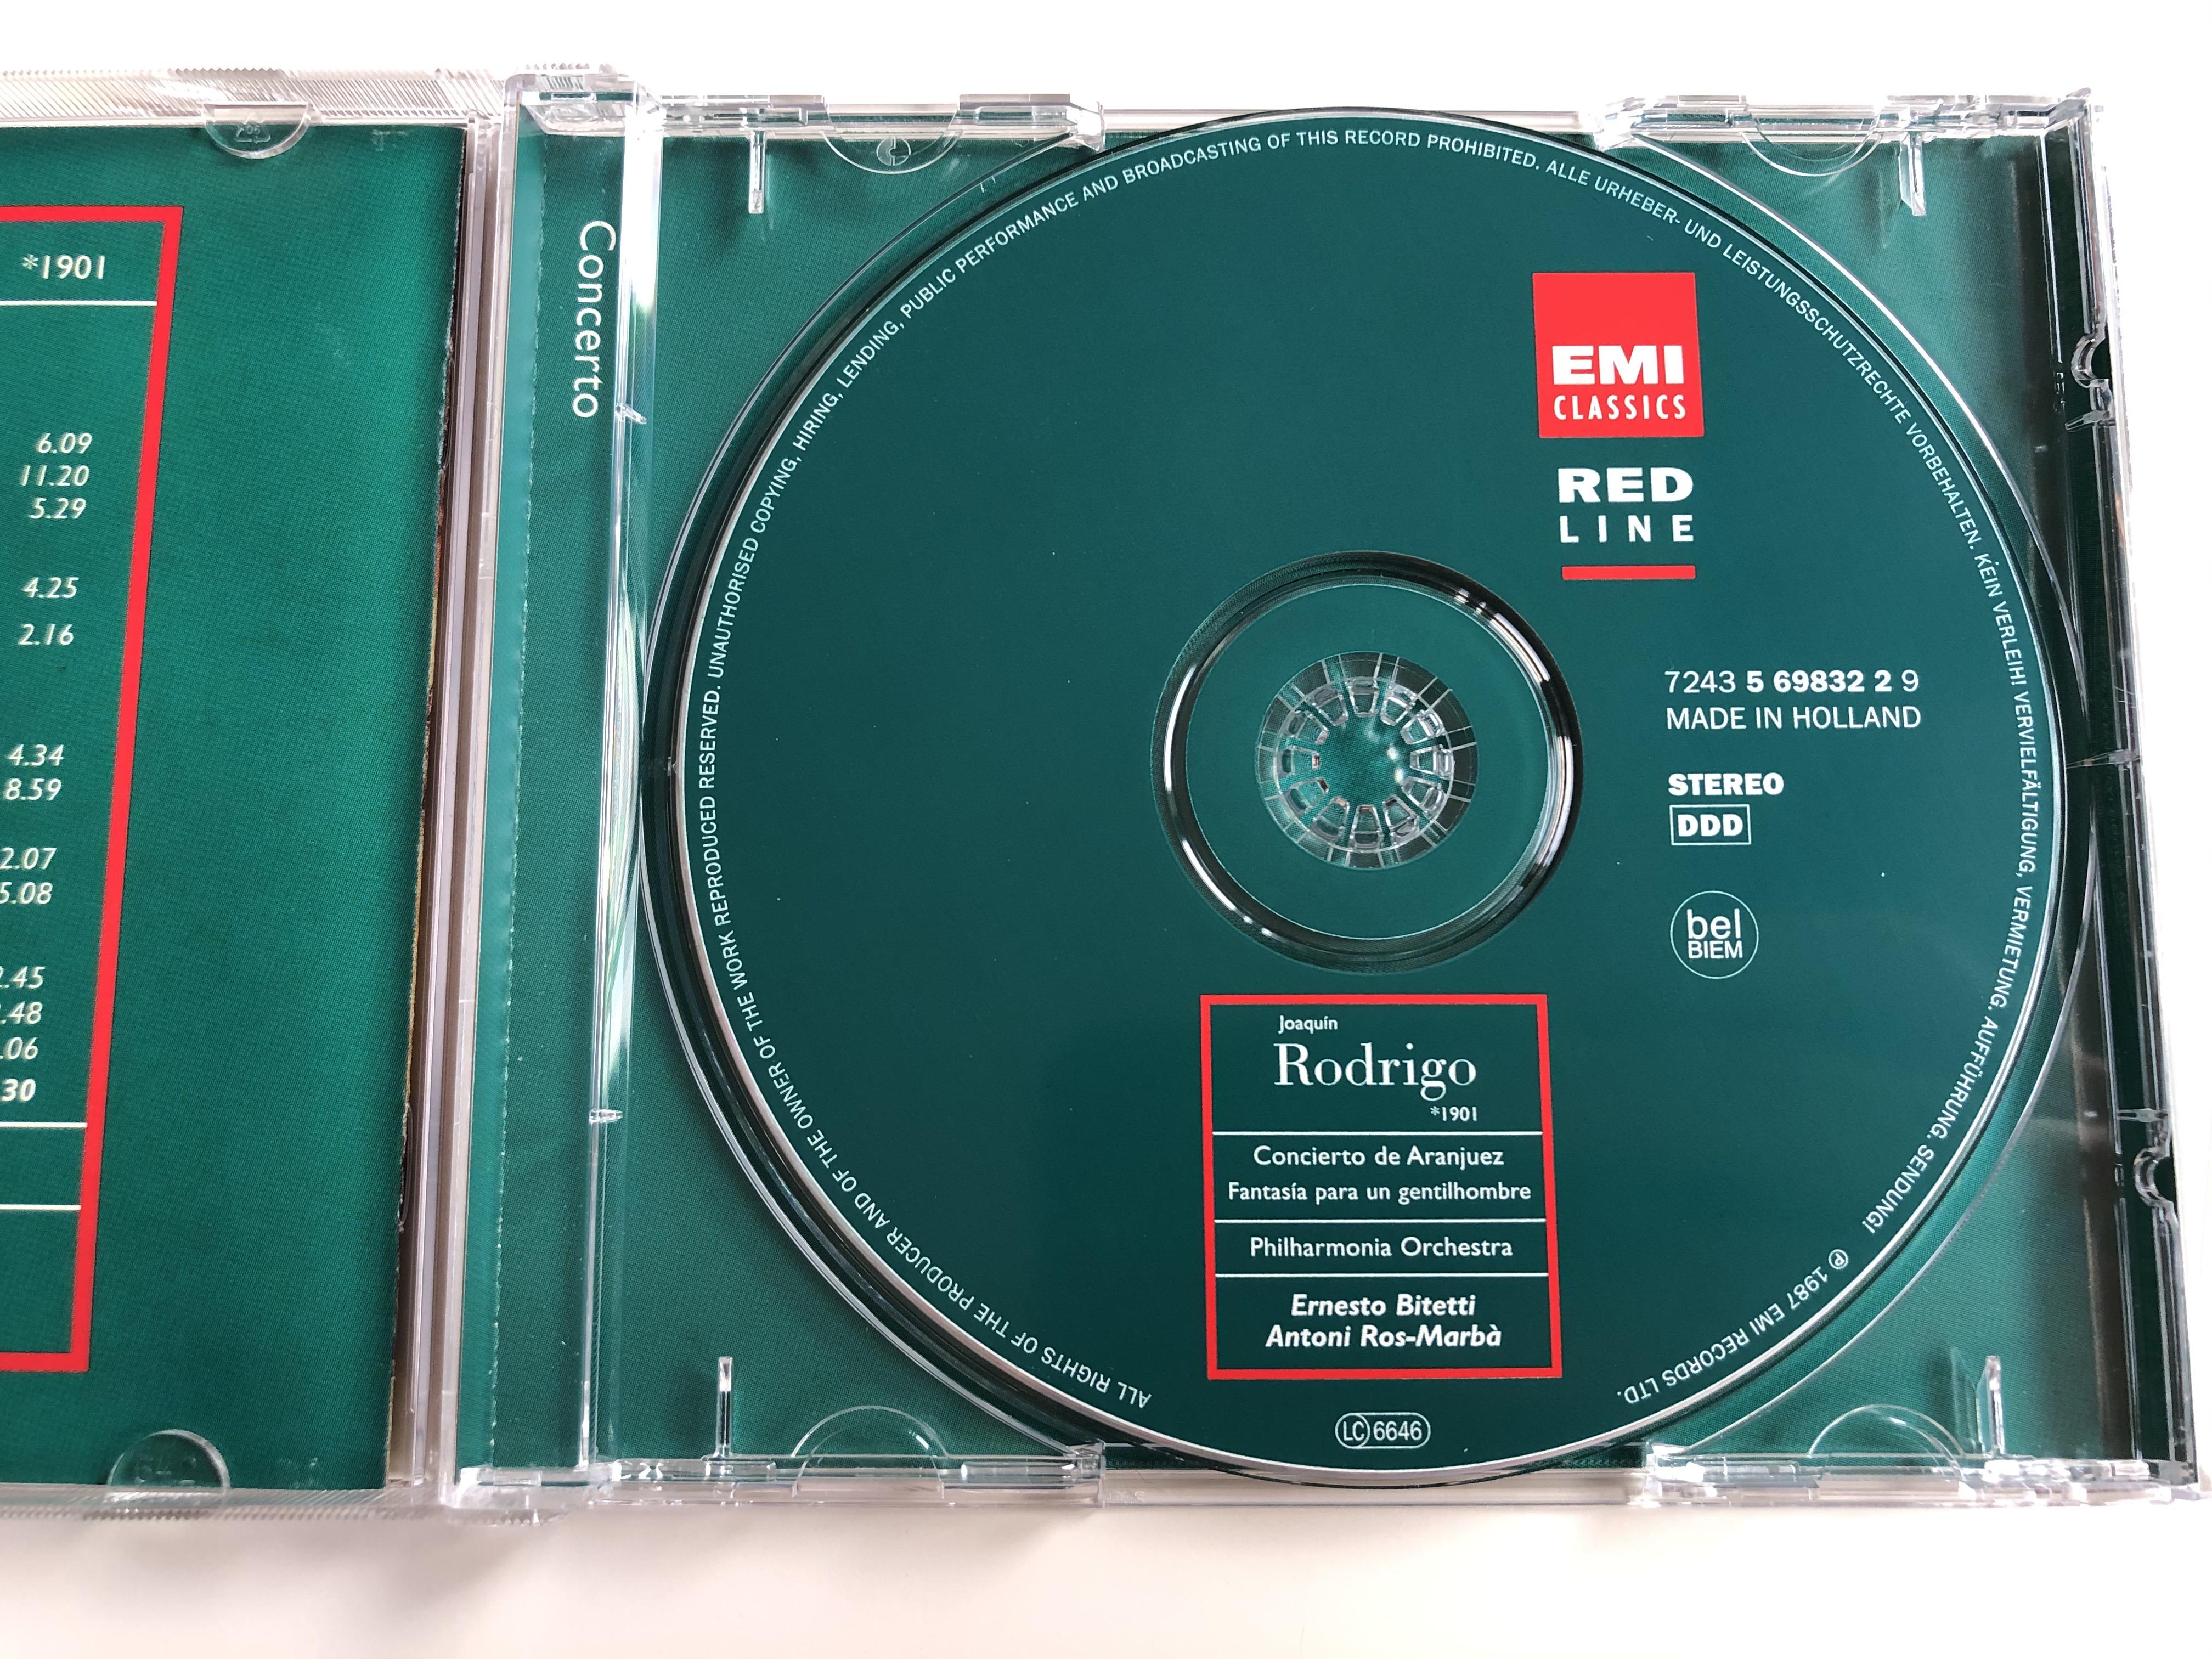 joaquin-rodrigo-1906-concierto-de-aranjuez-fantasia-para-un-gentilhombre-philharmonia-orchestra-ernesto-bitetti-antoni-ros-marba-emi-classics-audio-cd-1997-stereo-7243-5-69832-2-9.jpg